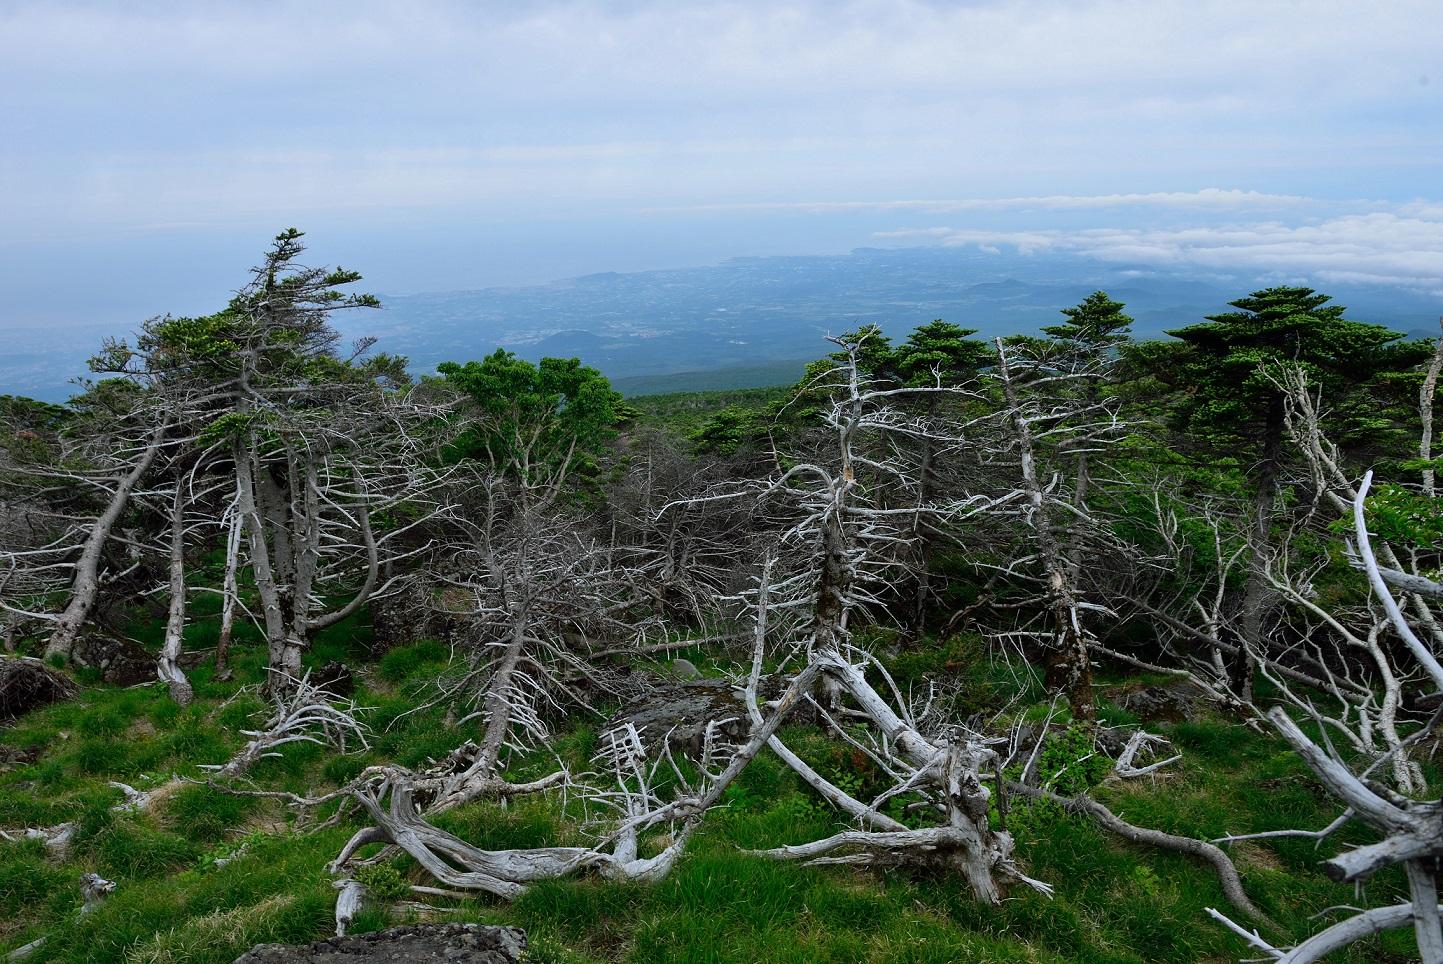 제주도 한라산에 자생하는 구상나무 숲. 많은 수가 말라 죽은 모습이다.